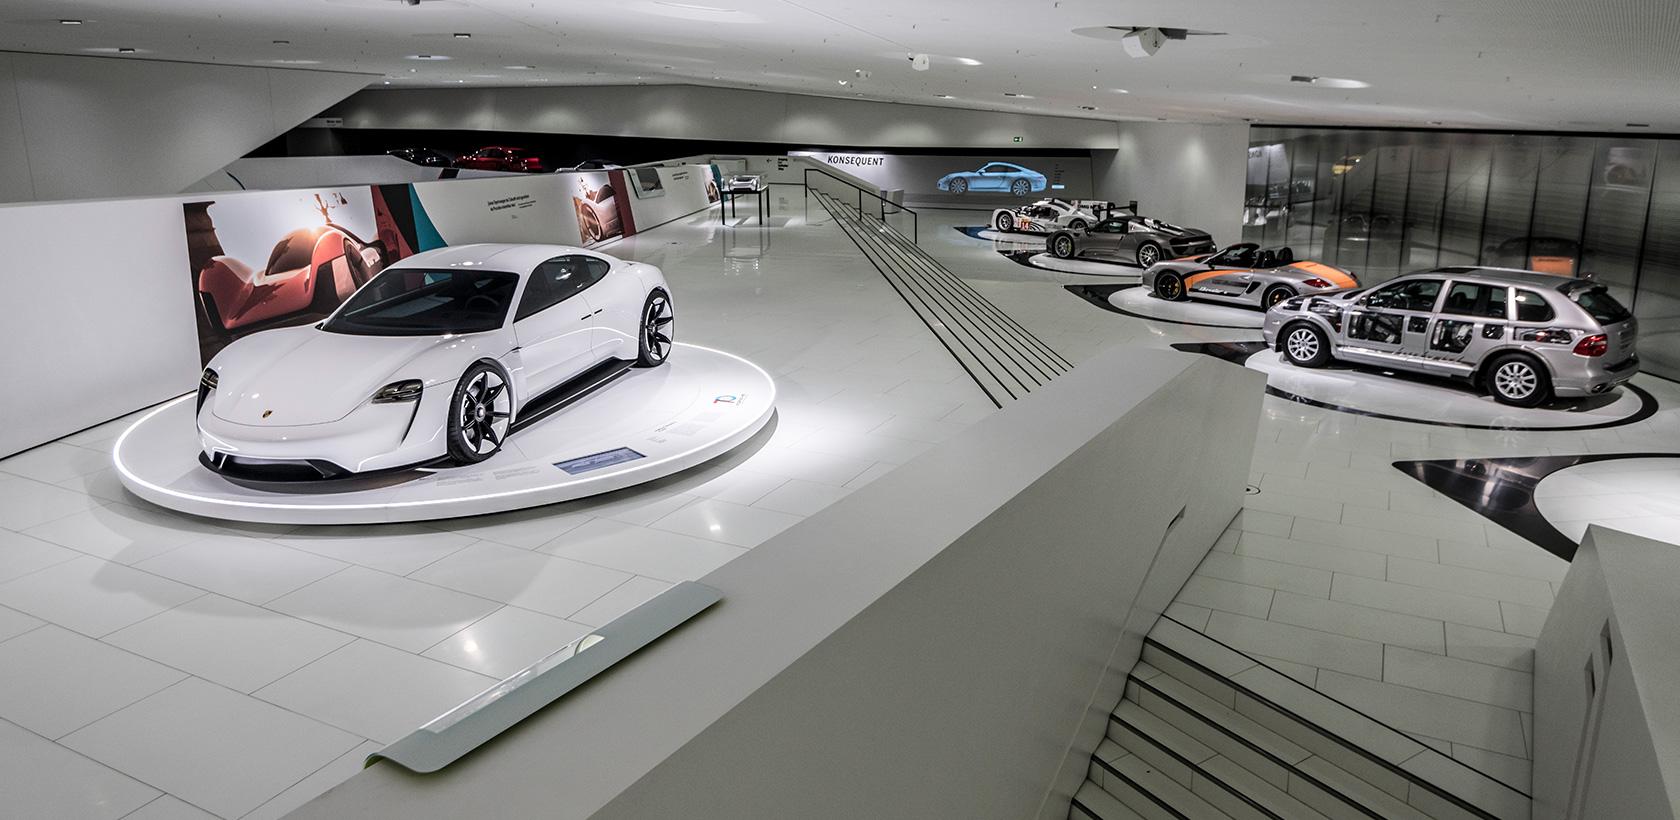 Le musée Porsche fête les 70 ans de la marque